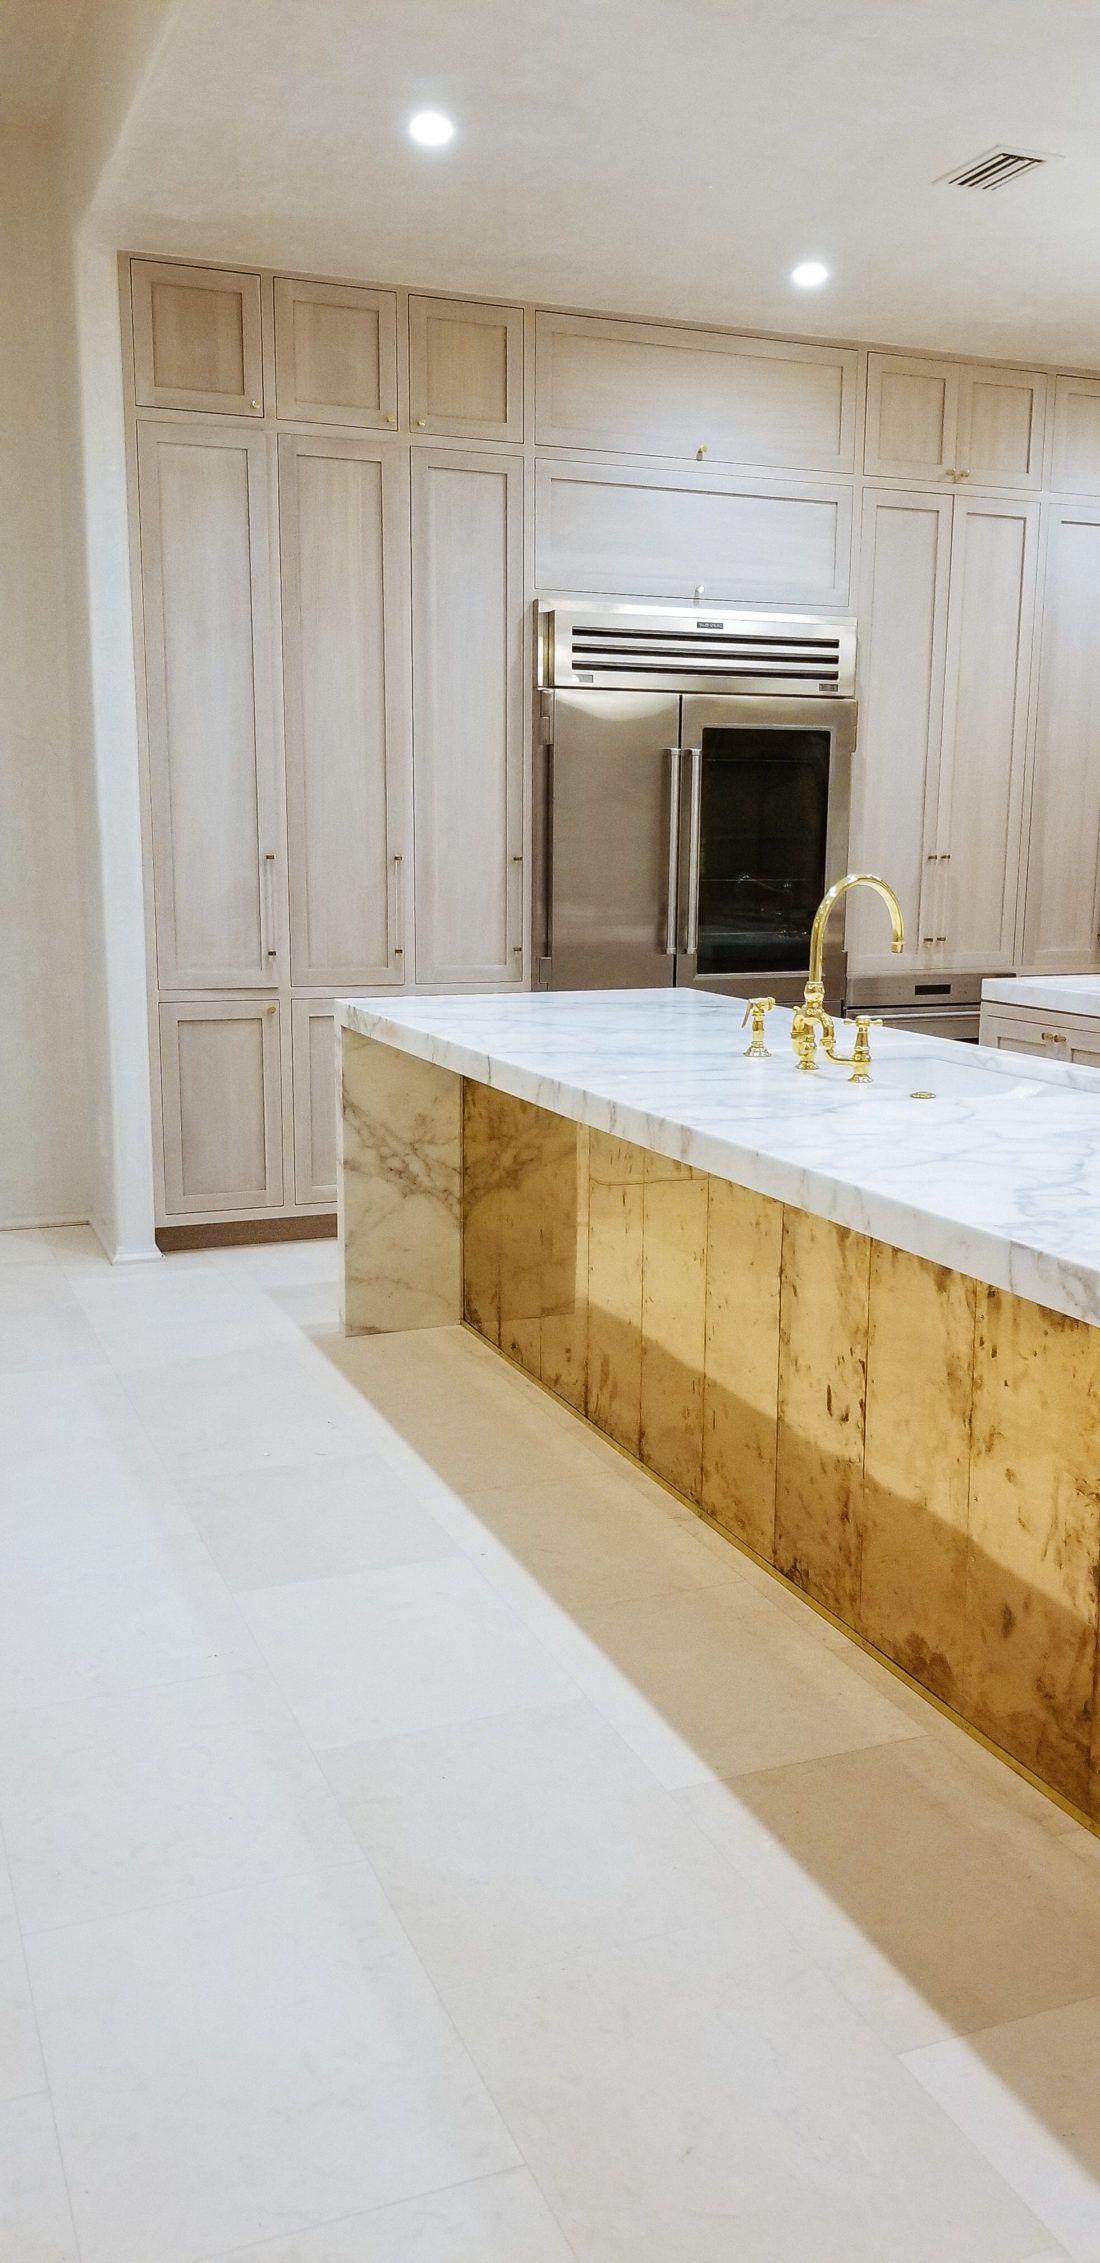 Golden Alys Beach Kitchen Cabinets Mdm Design Studio Design Beach Kitchens Design Studio